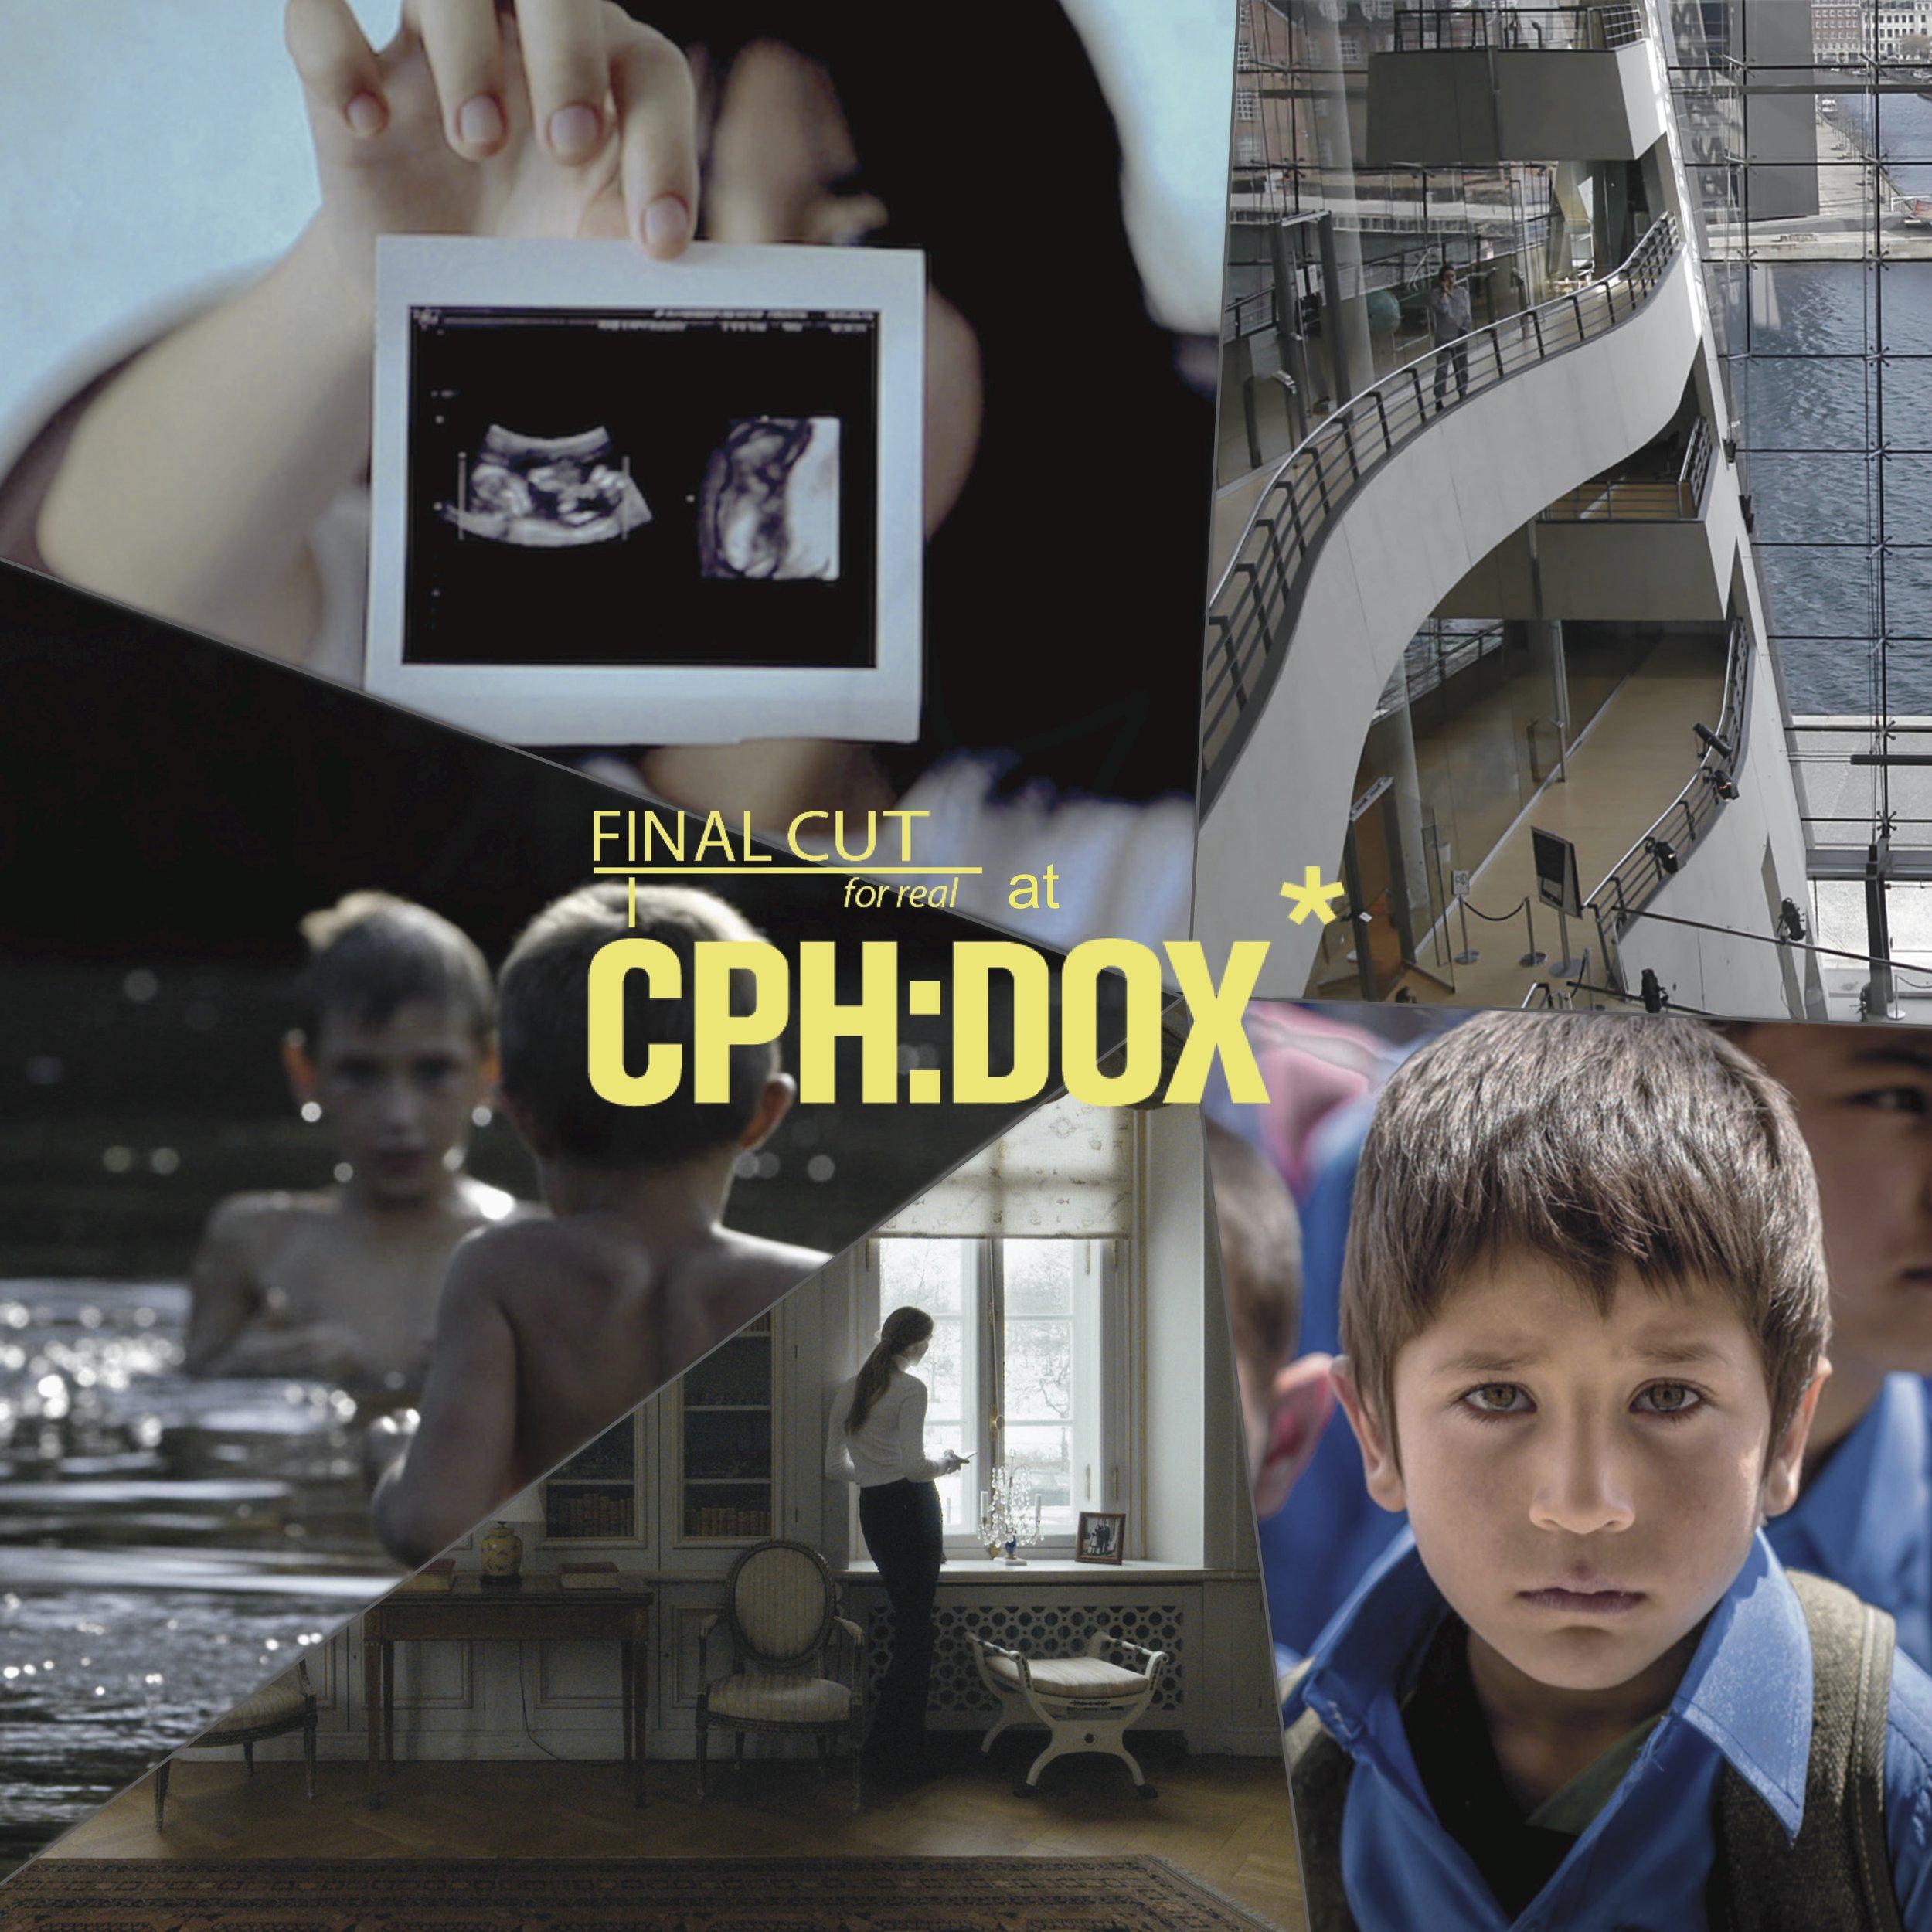 FCFRatCPHDOXwebsite.jpg